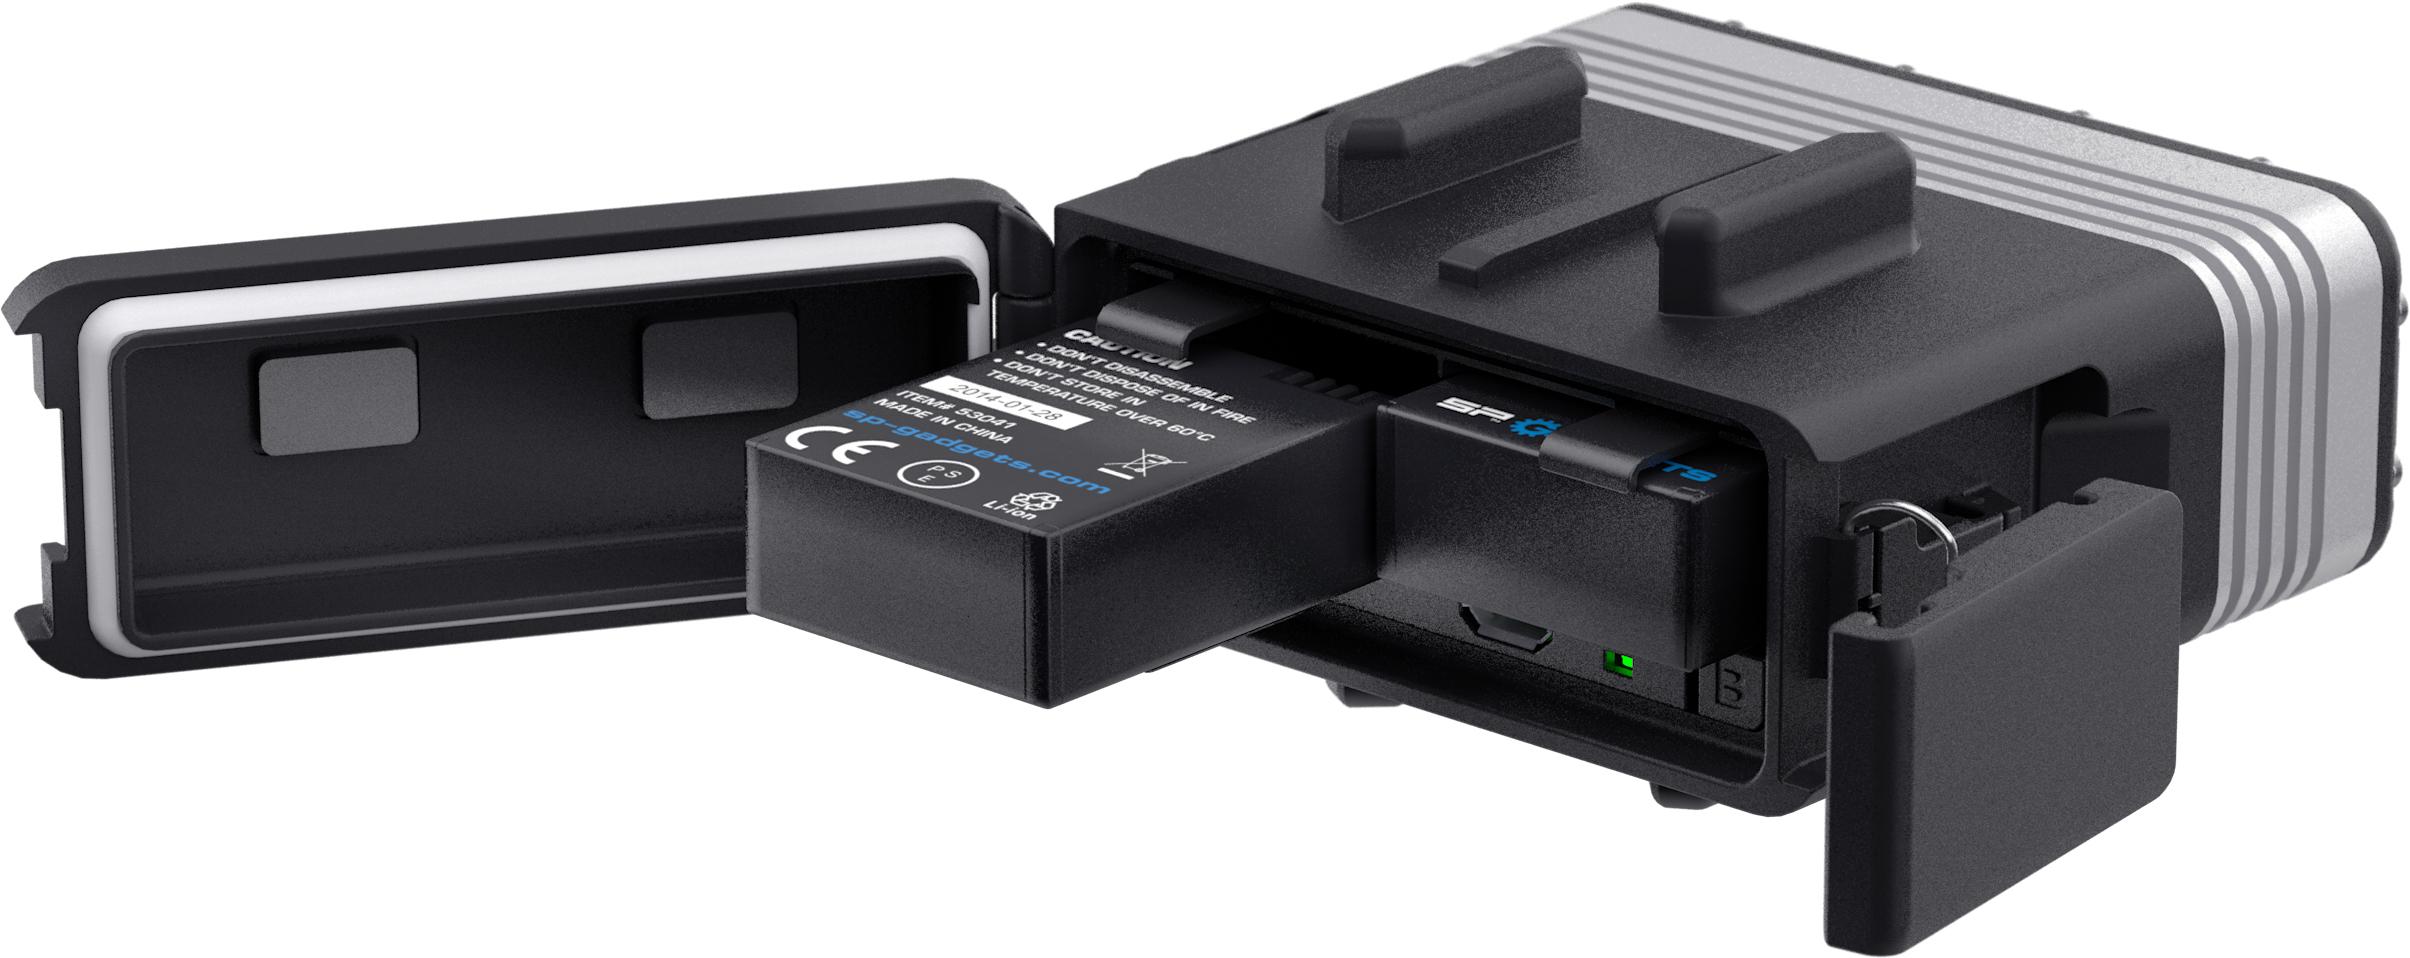 Die Batterien passen auch in die GoPro Hero3/Hero3+